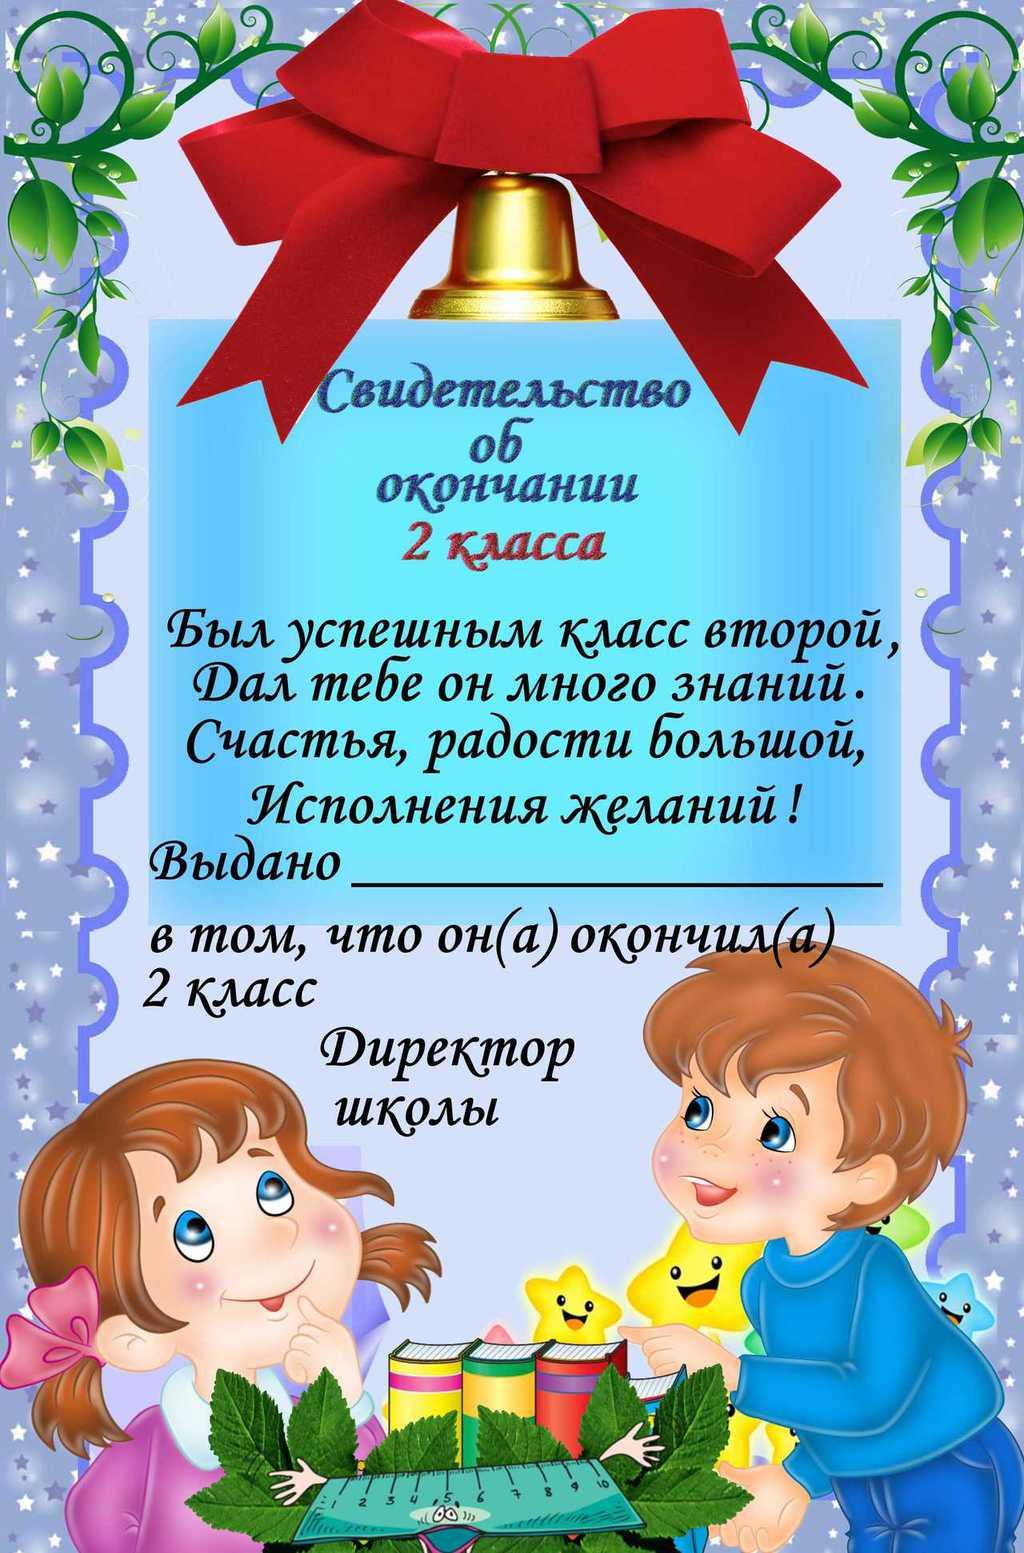 Поздравление детям с окончанием начальной школы